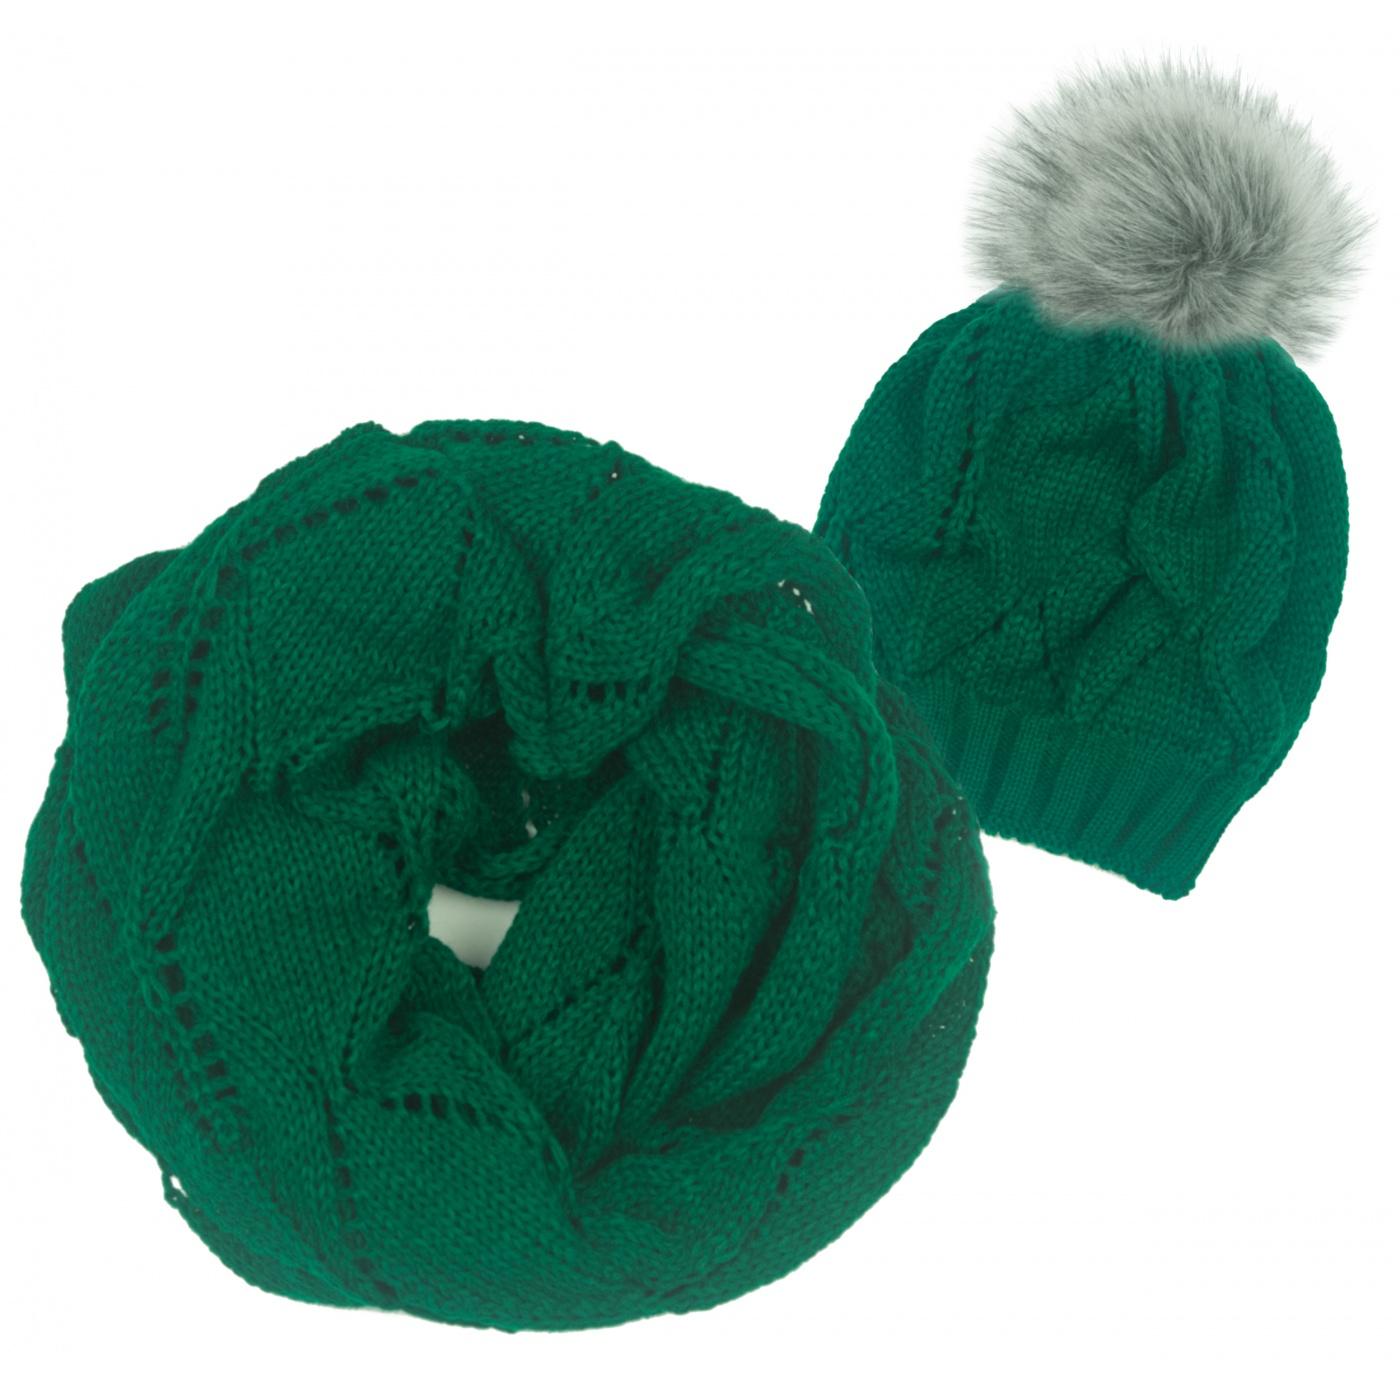 Ażurowy komplet czapka z pomponem i komin - zielony